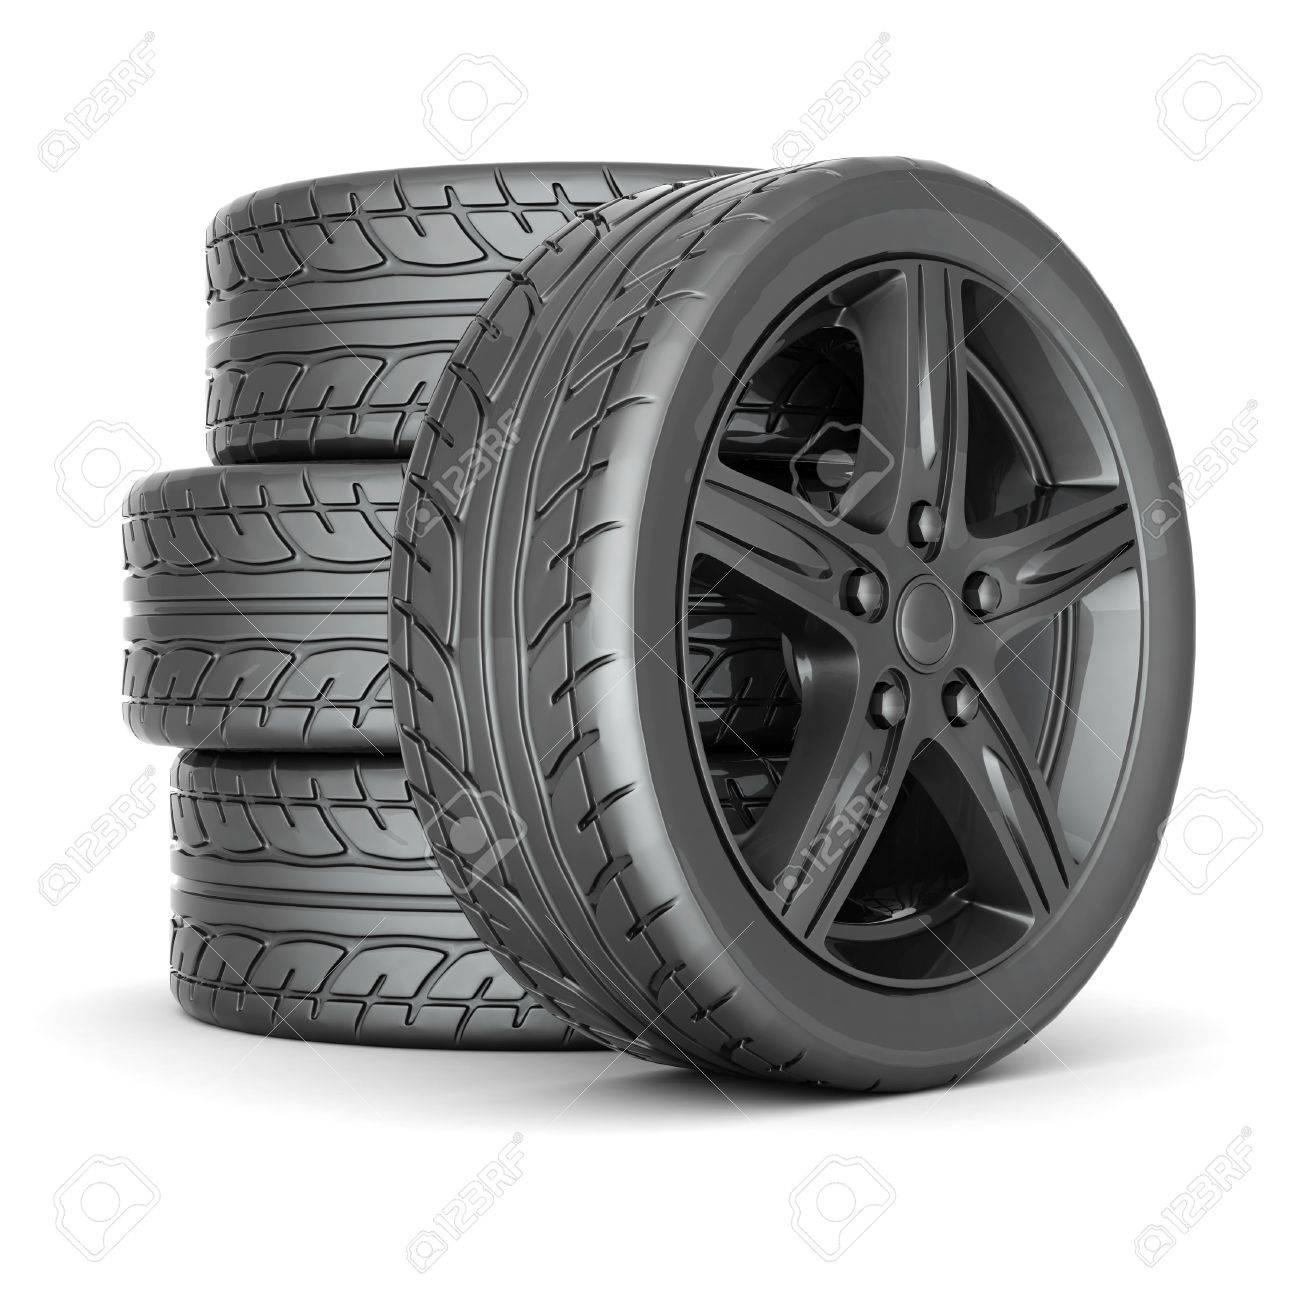 Black sports wheel on a white background Stock Photo - 15686323